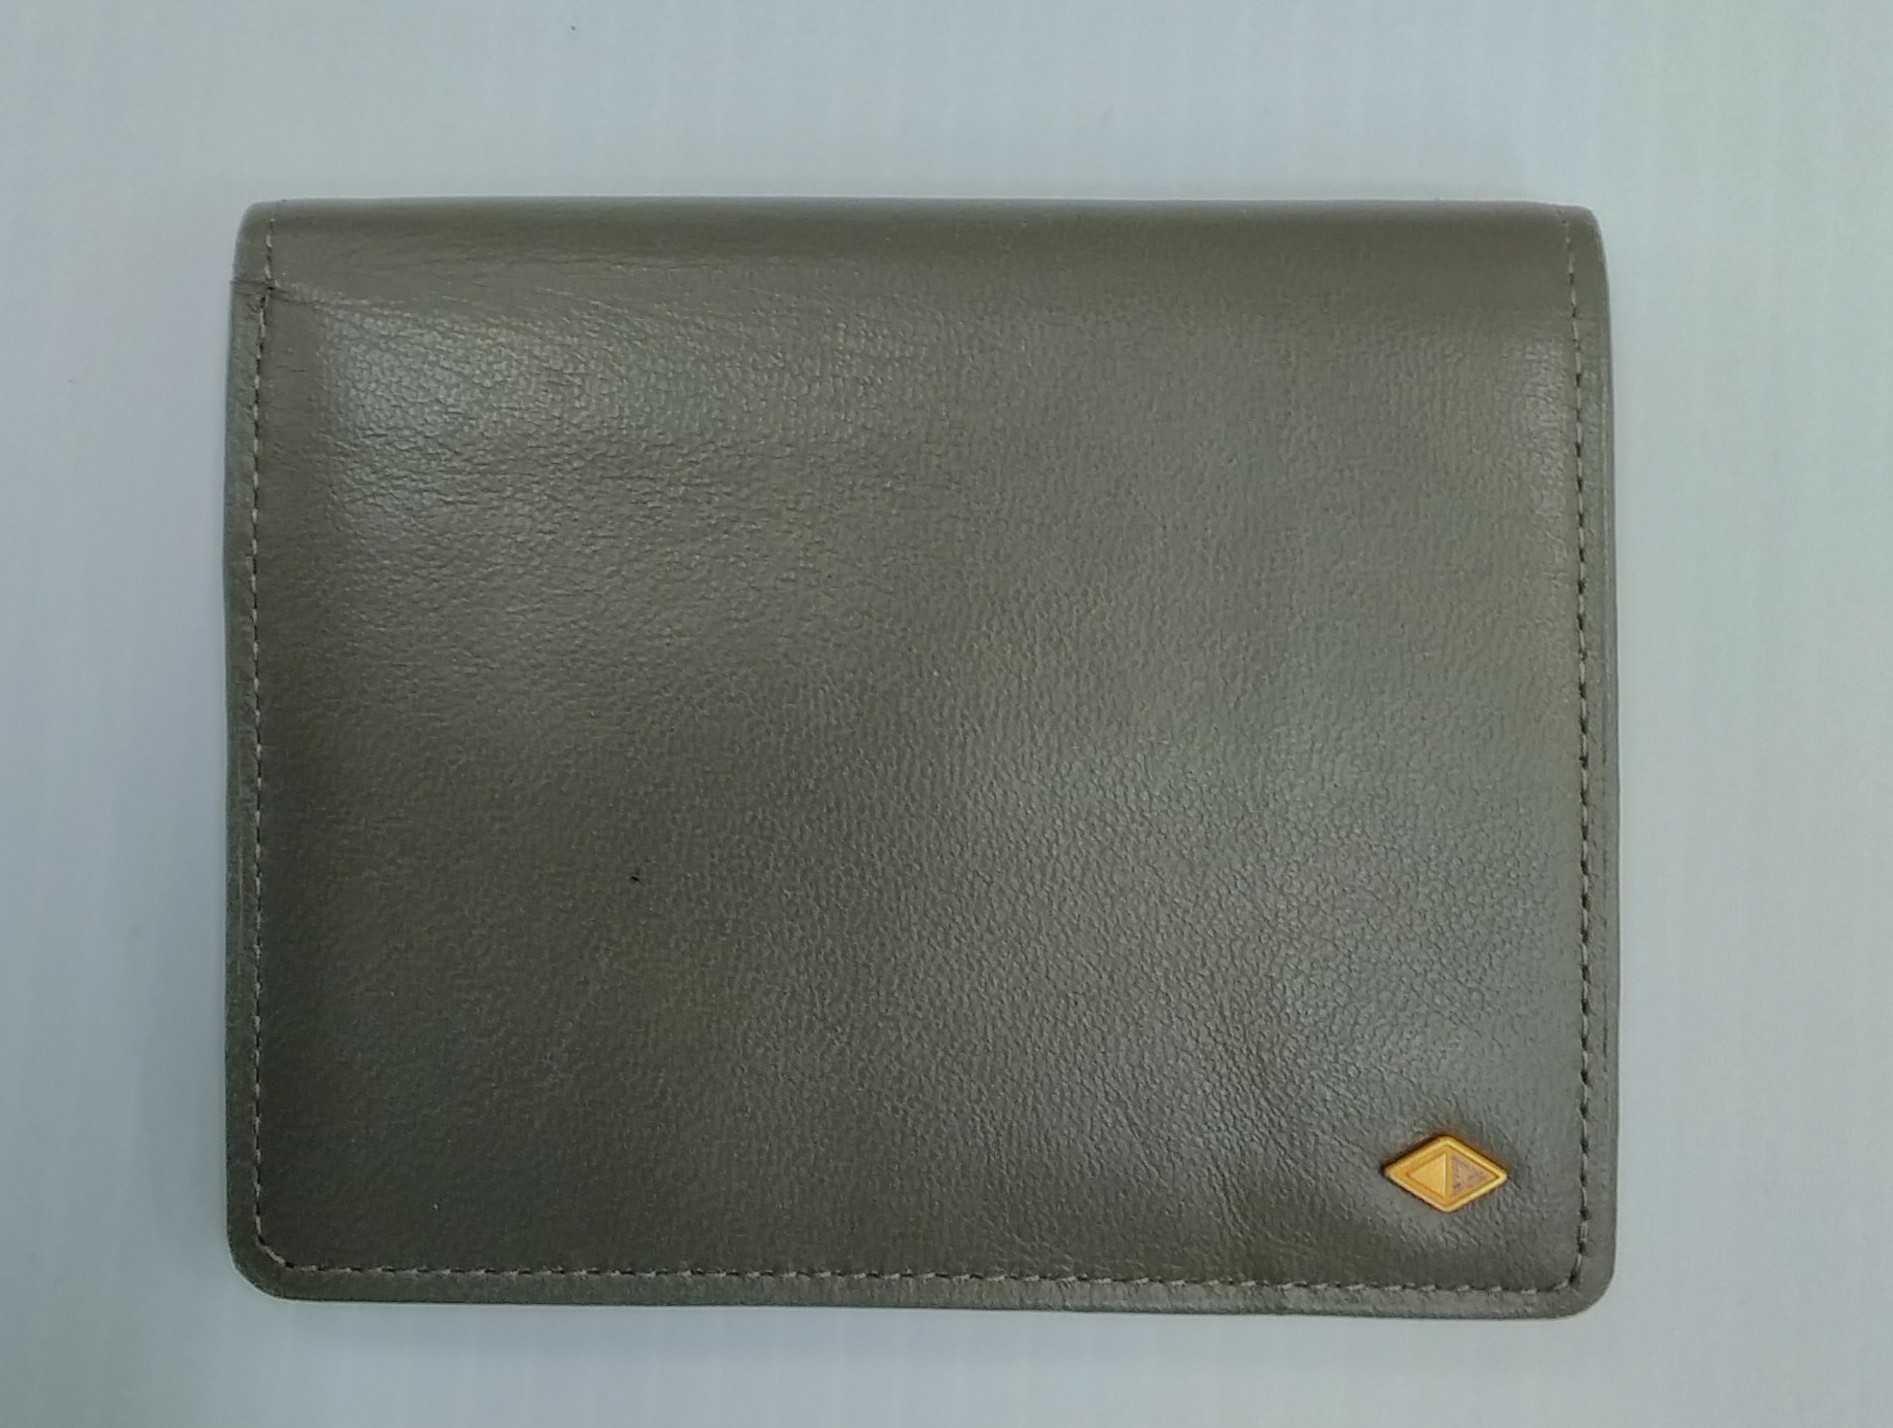 二つ折り財布 THE PITH